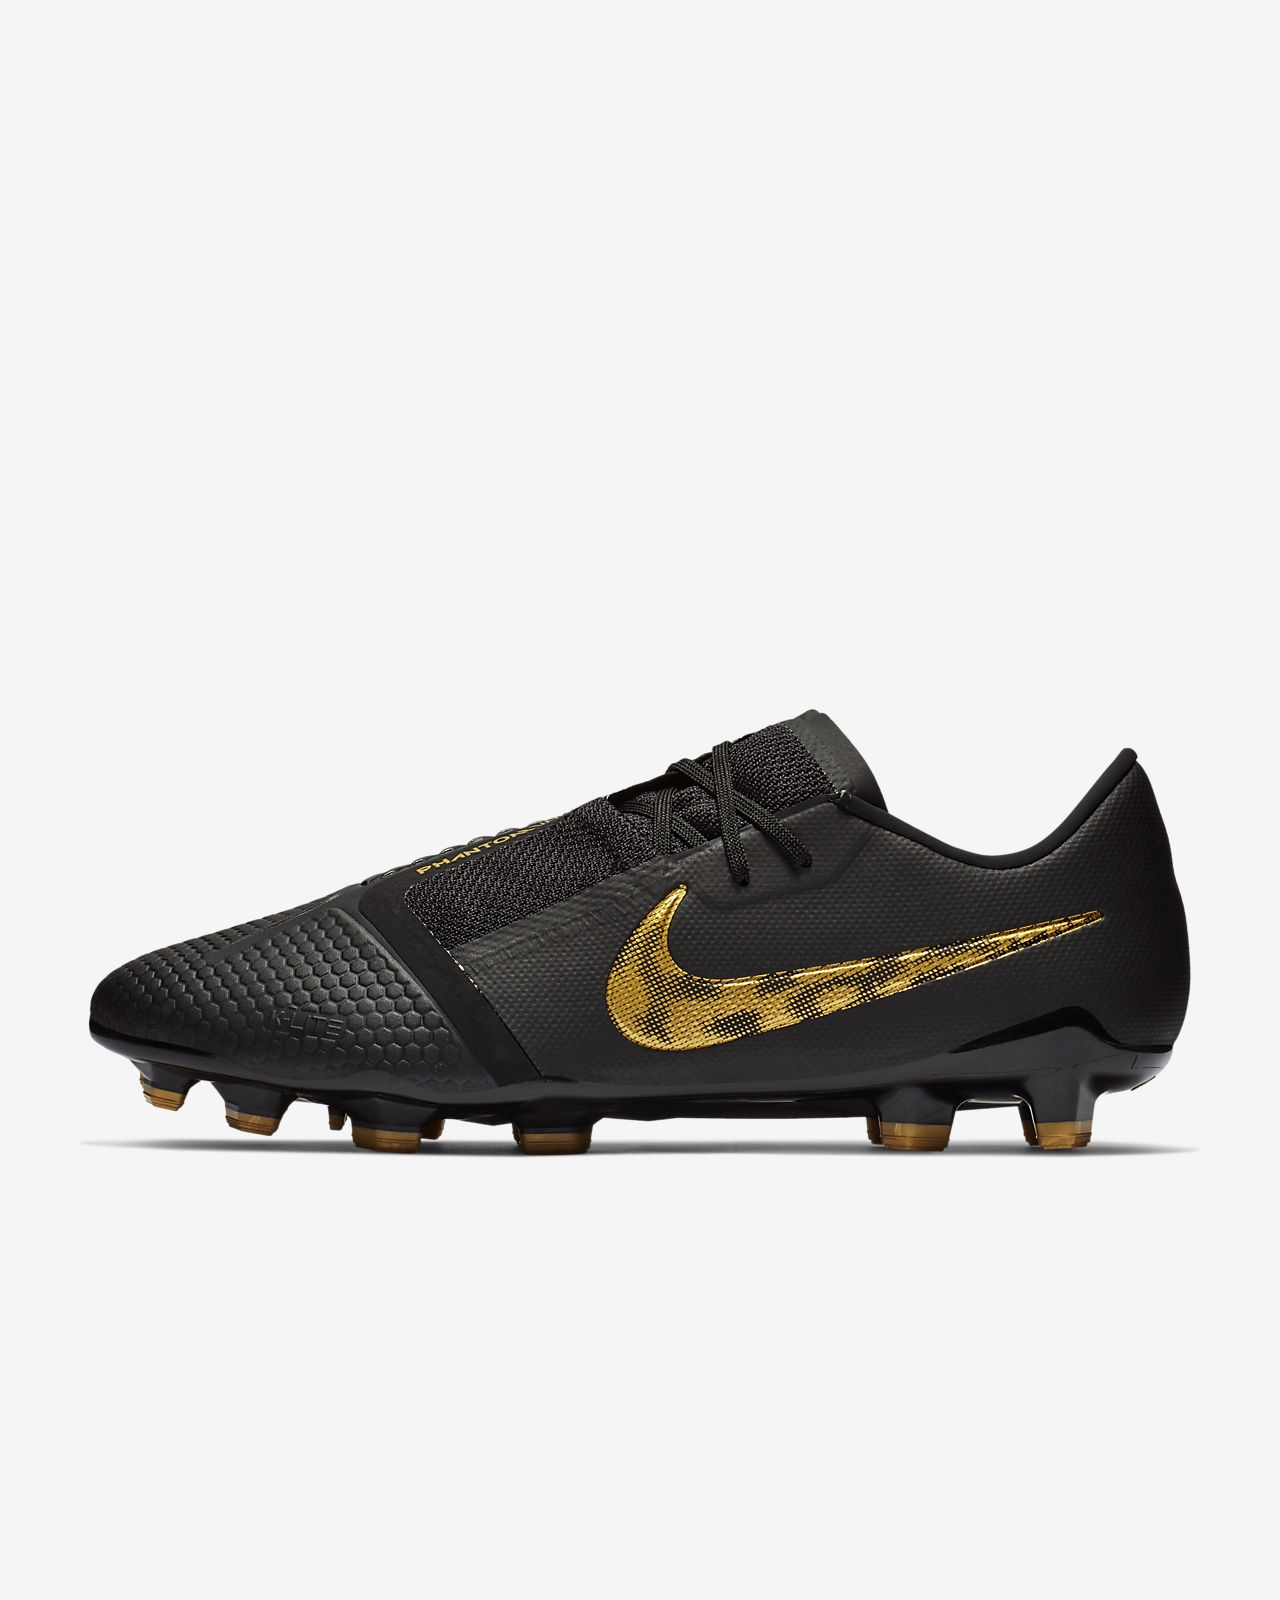 Nike PhantomVNM Pro FG Game Over fotballsko til gress